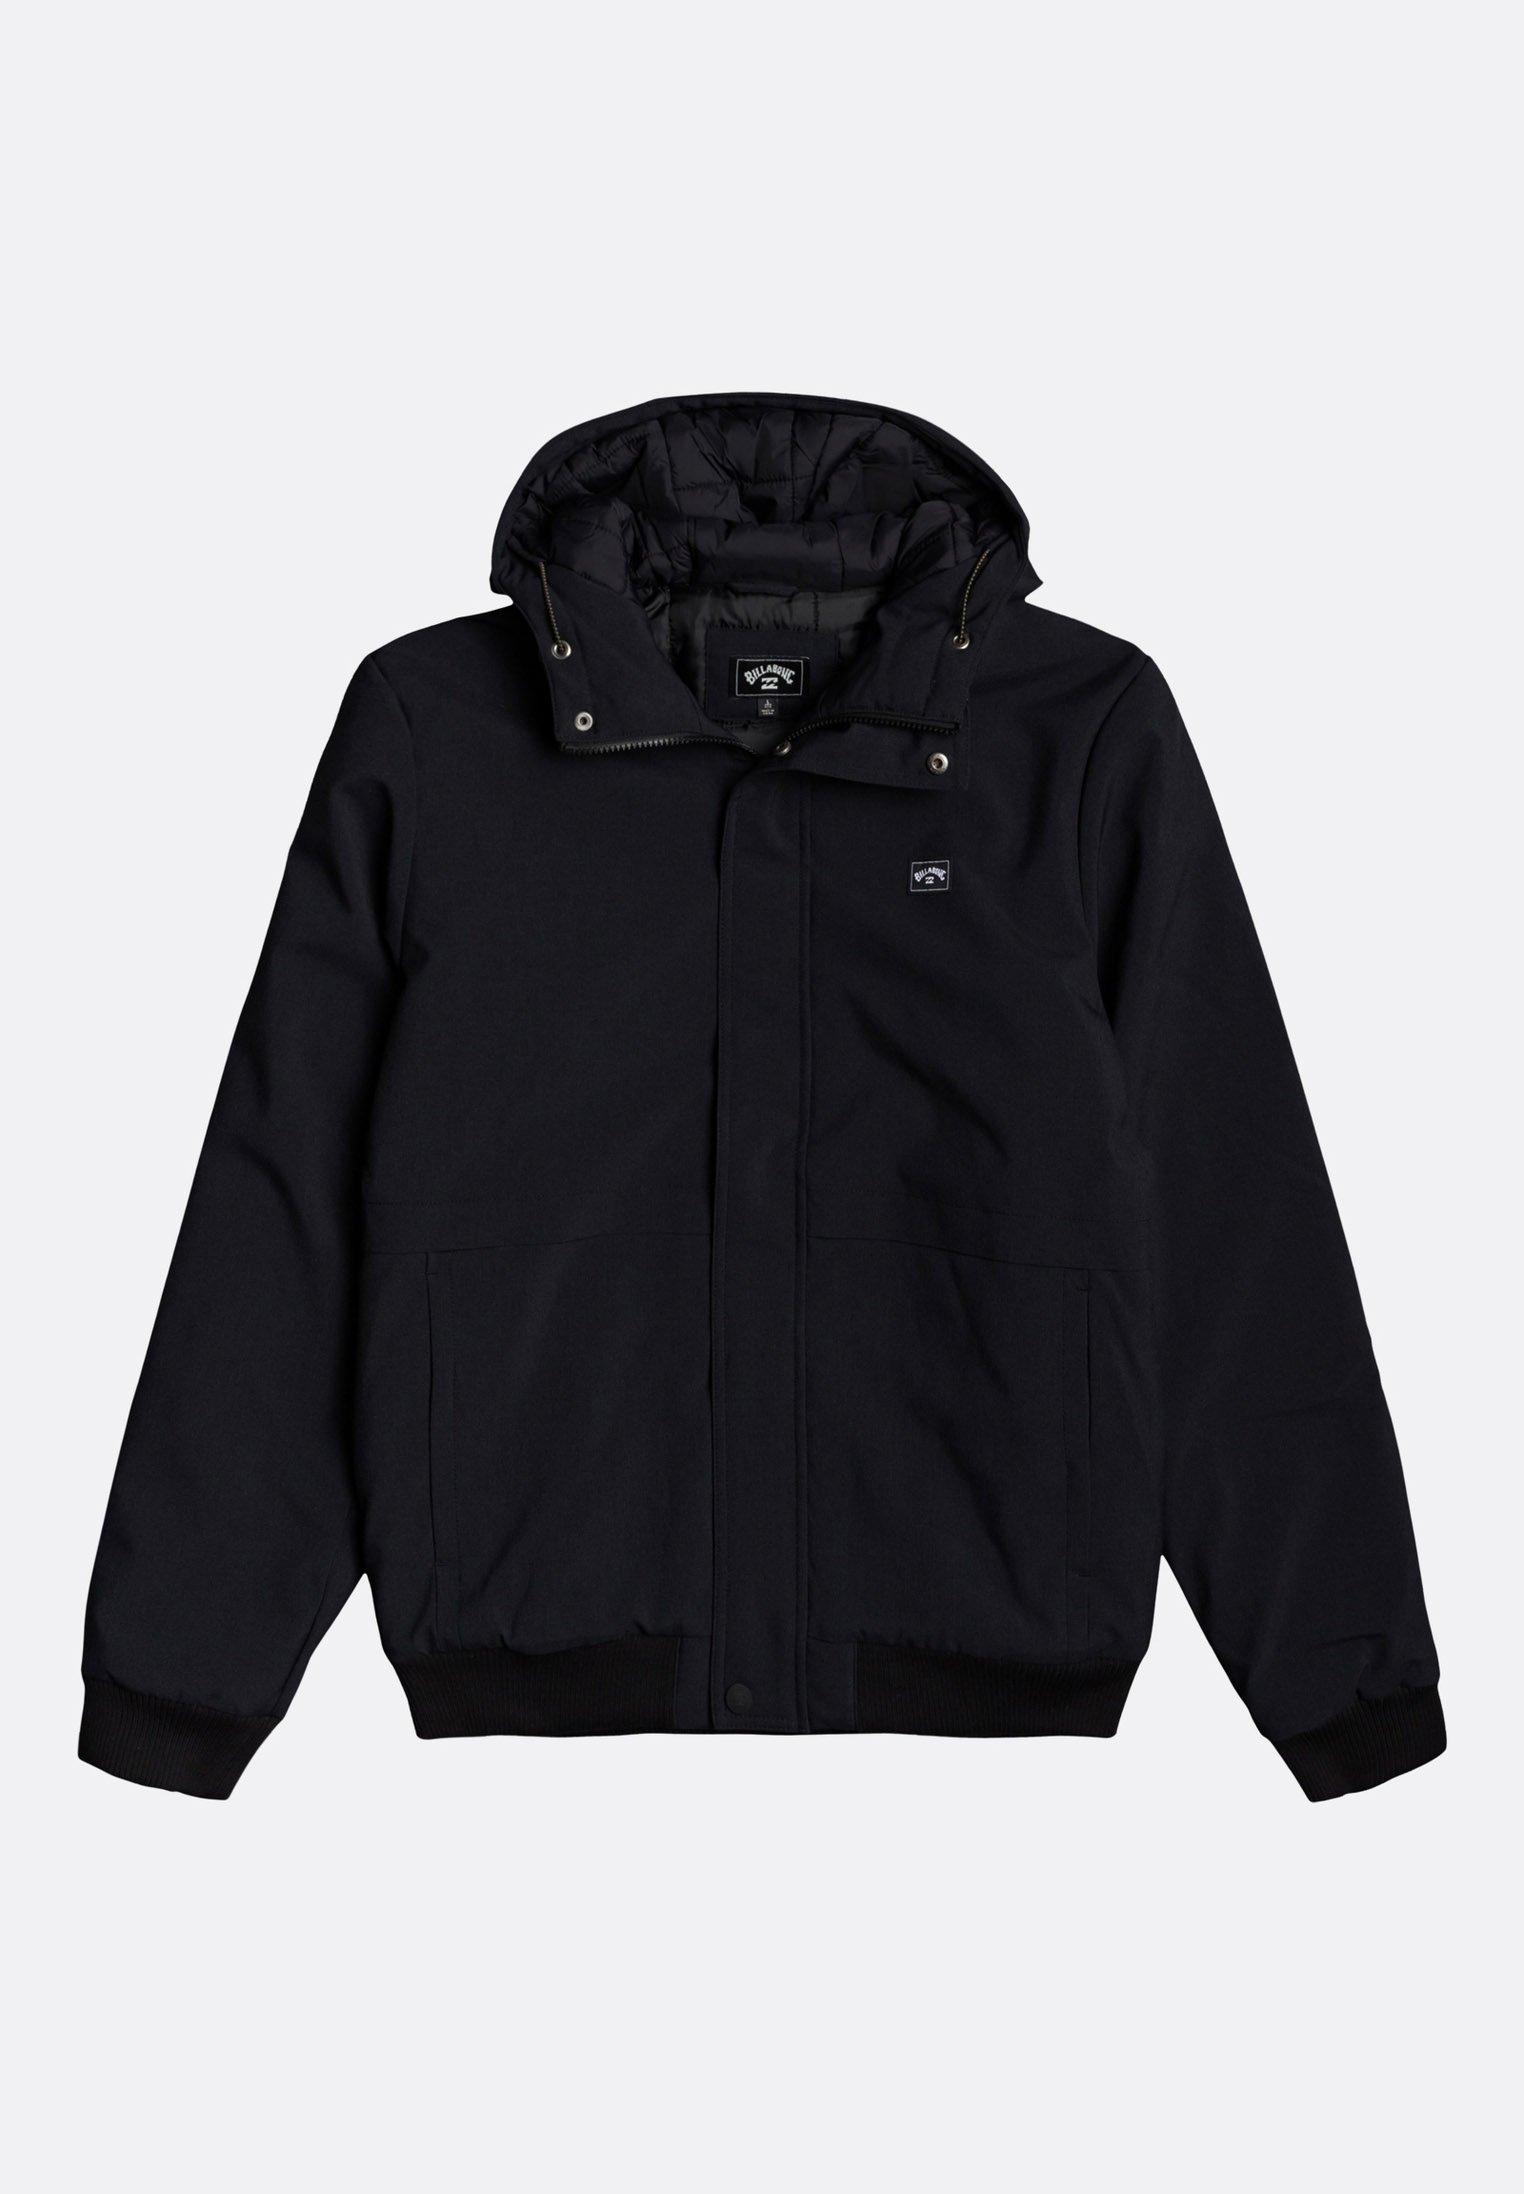 Billabong Jacken für Herren versandkostenfrei online | ZALANDO